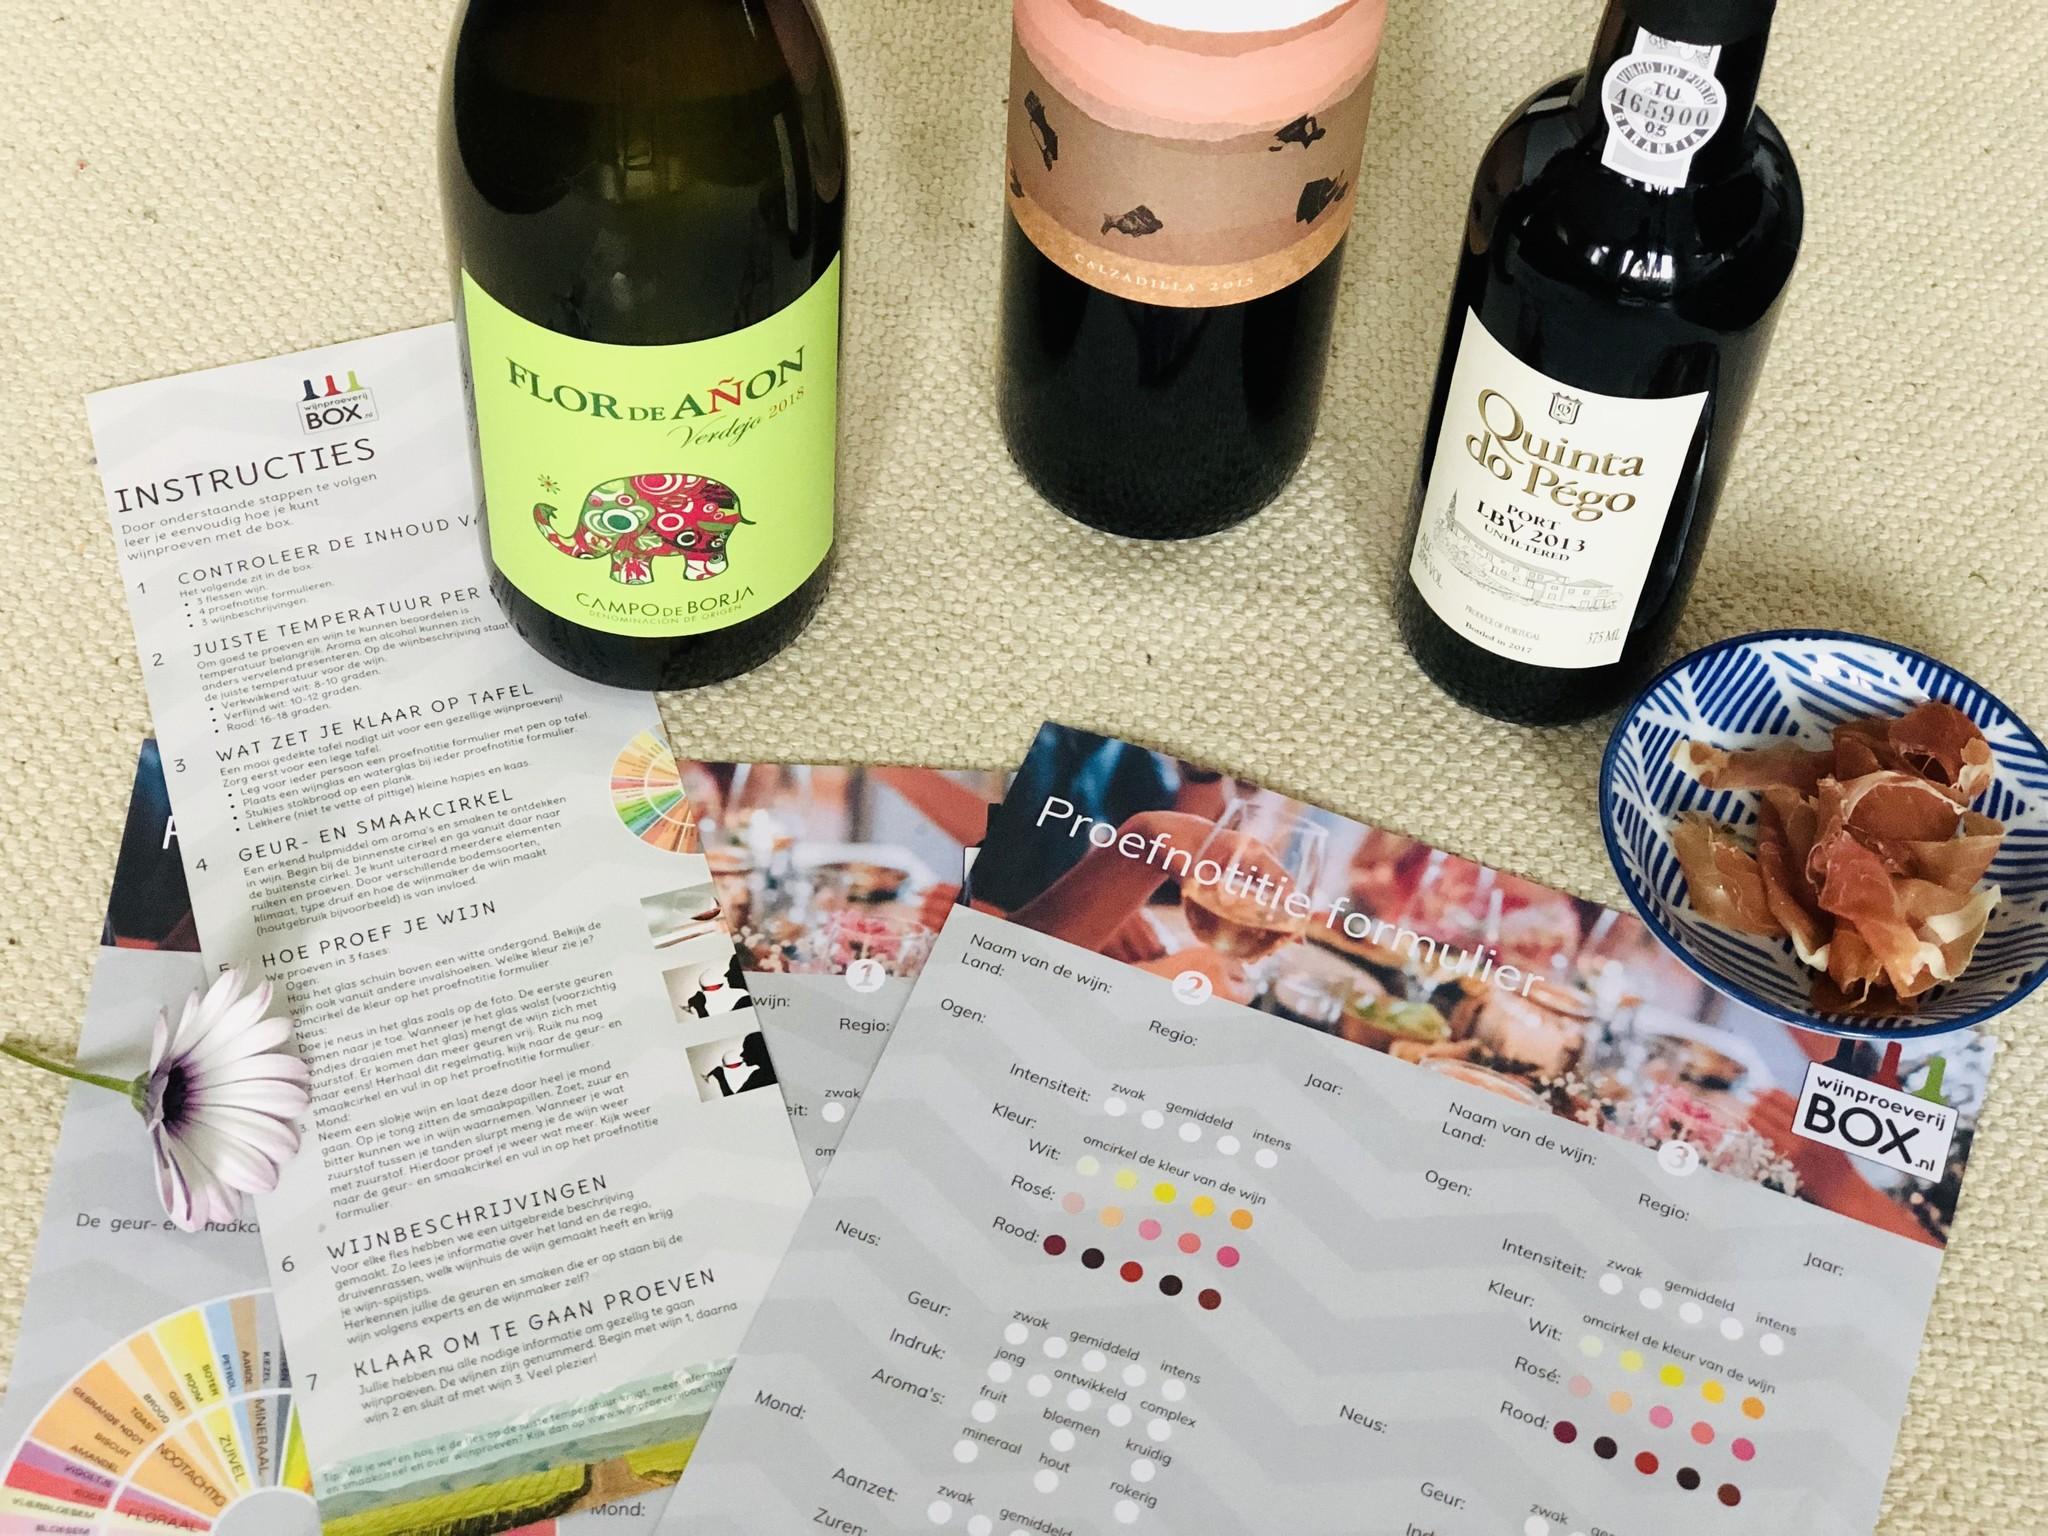 Wijntrip box om met 2-4 personen wijn te proeven